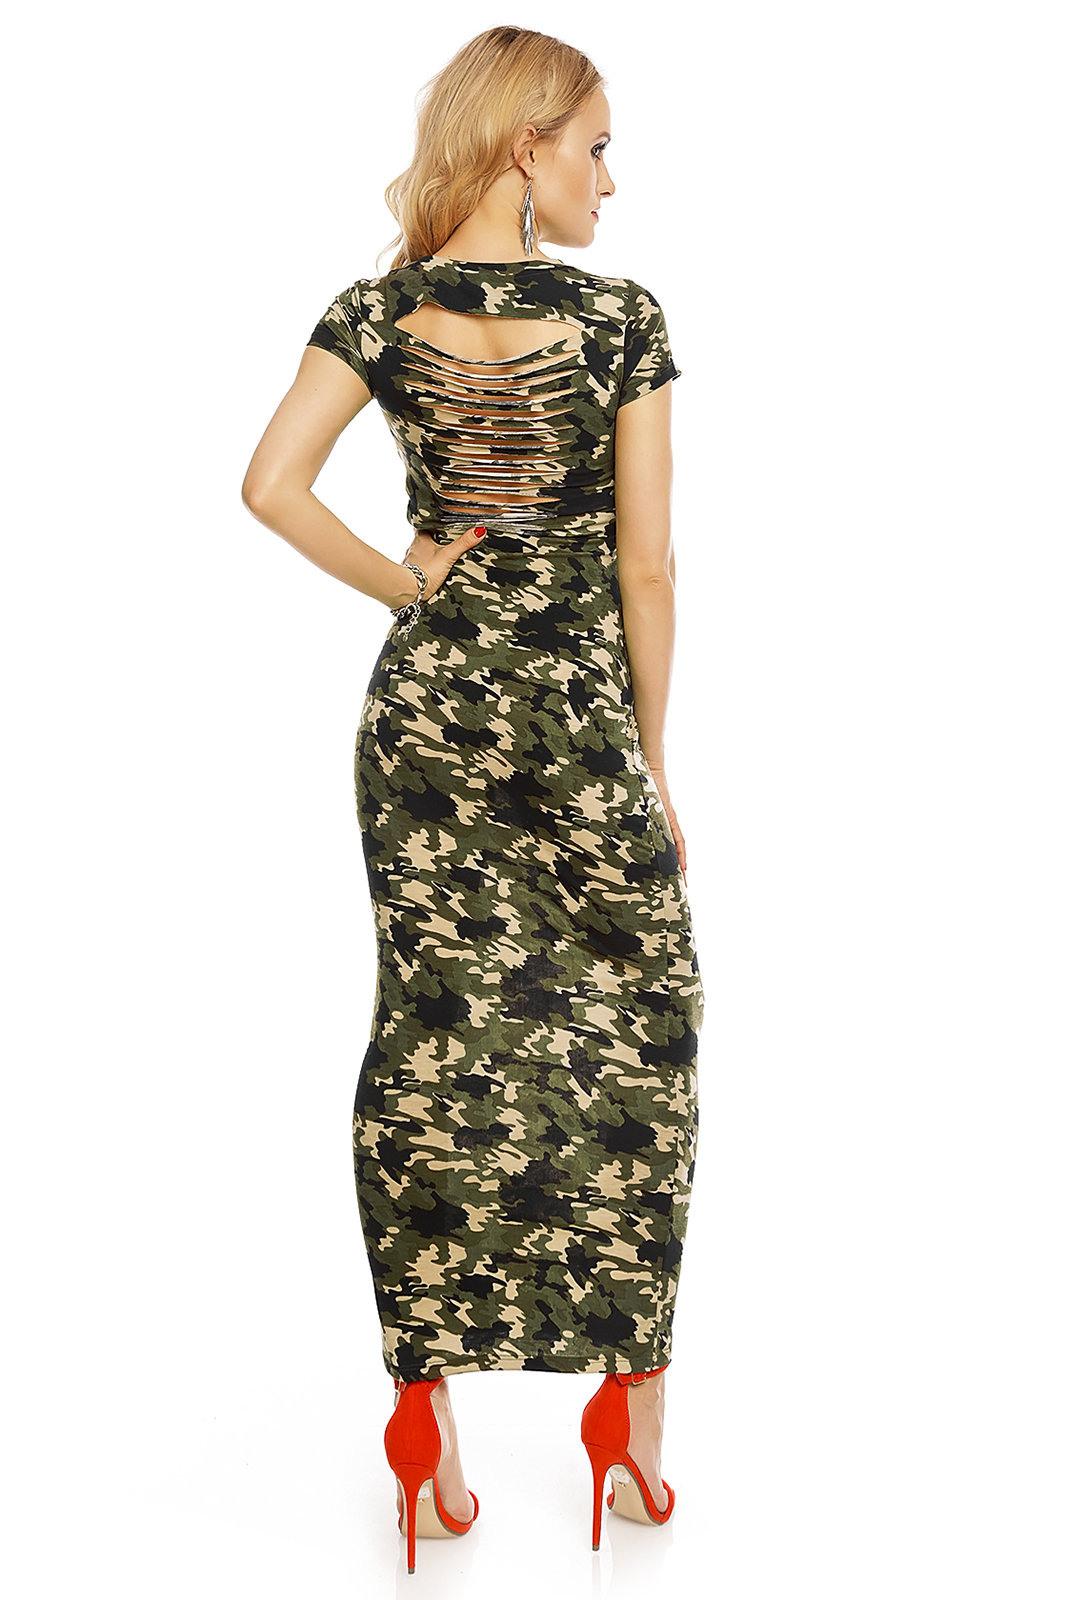 Damen Kleid Sommerkleid Cocktailkleid Abendkleid Maxi Army